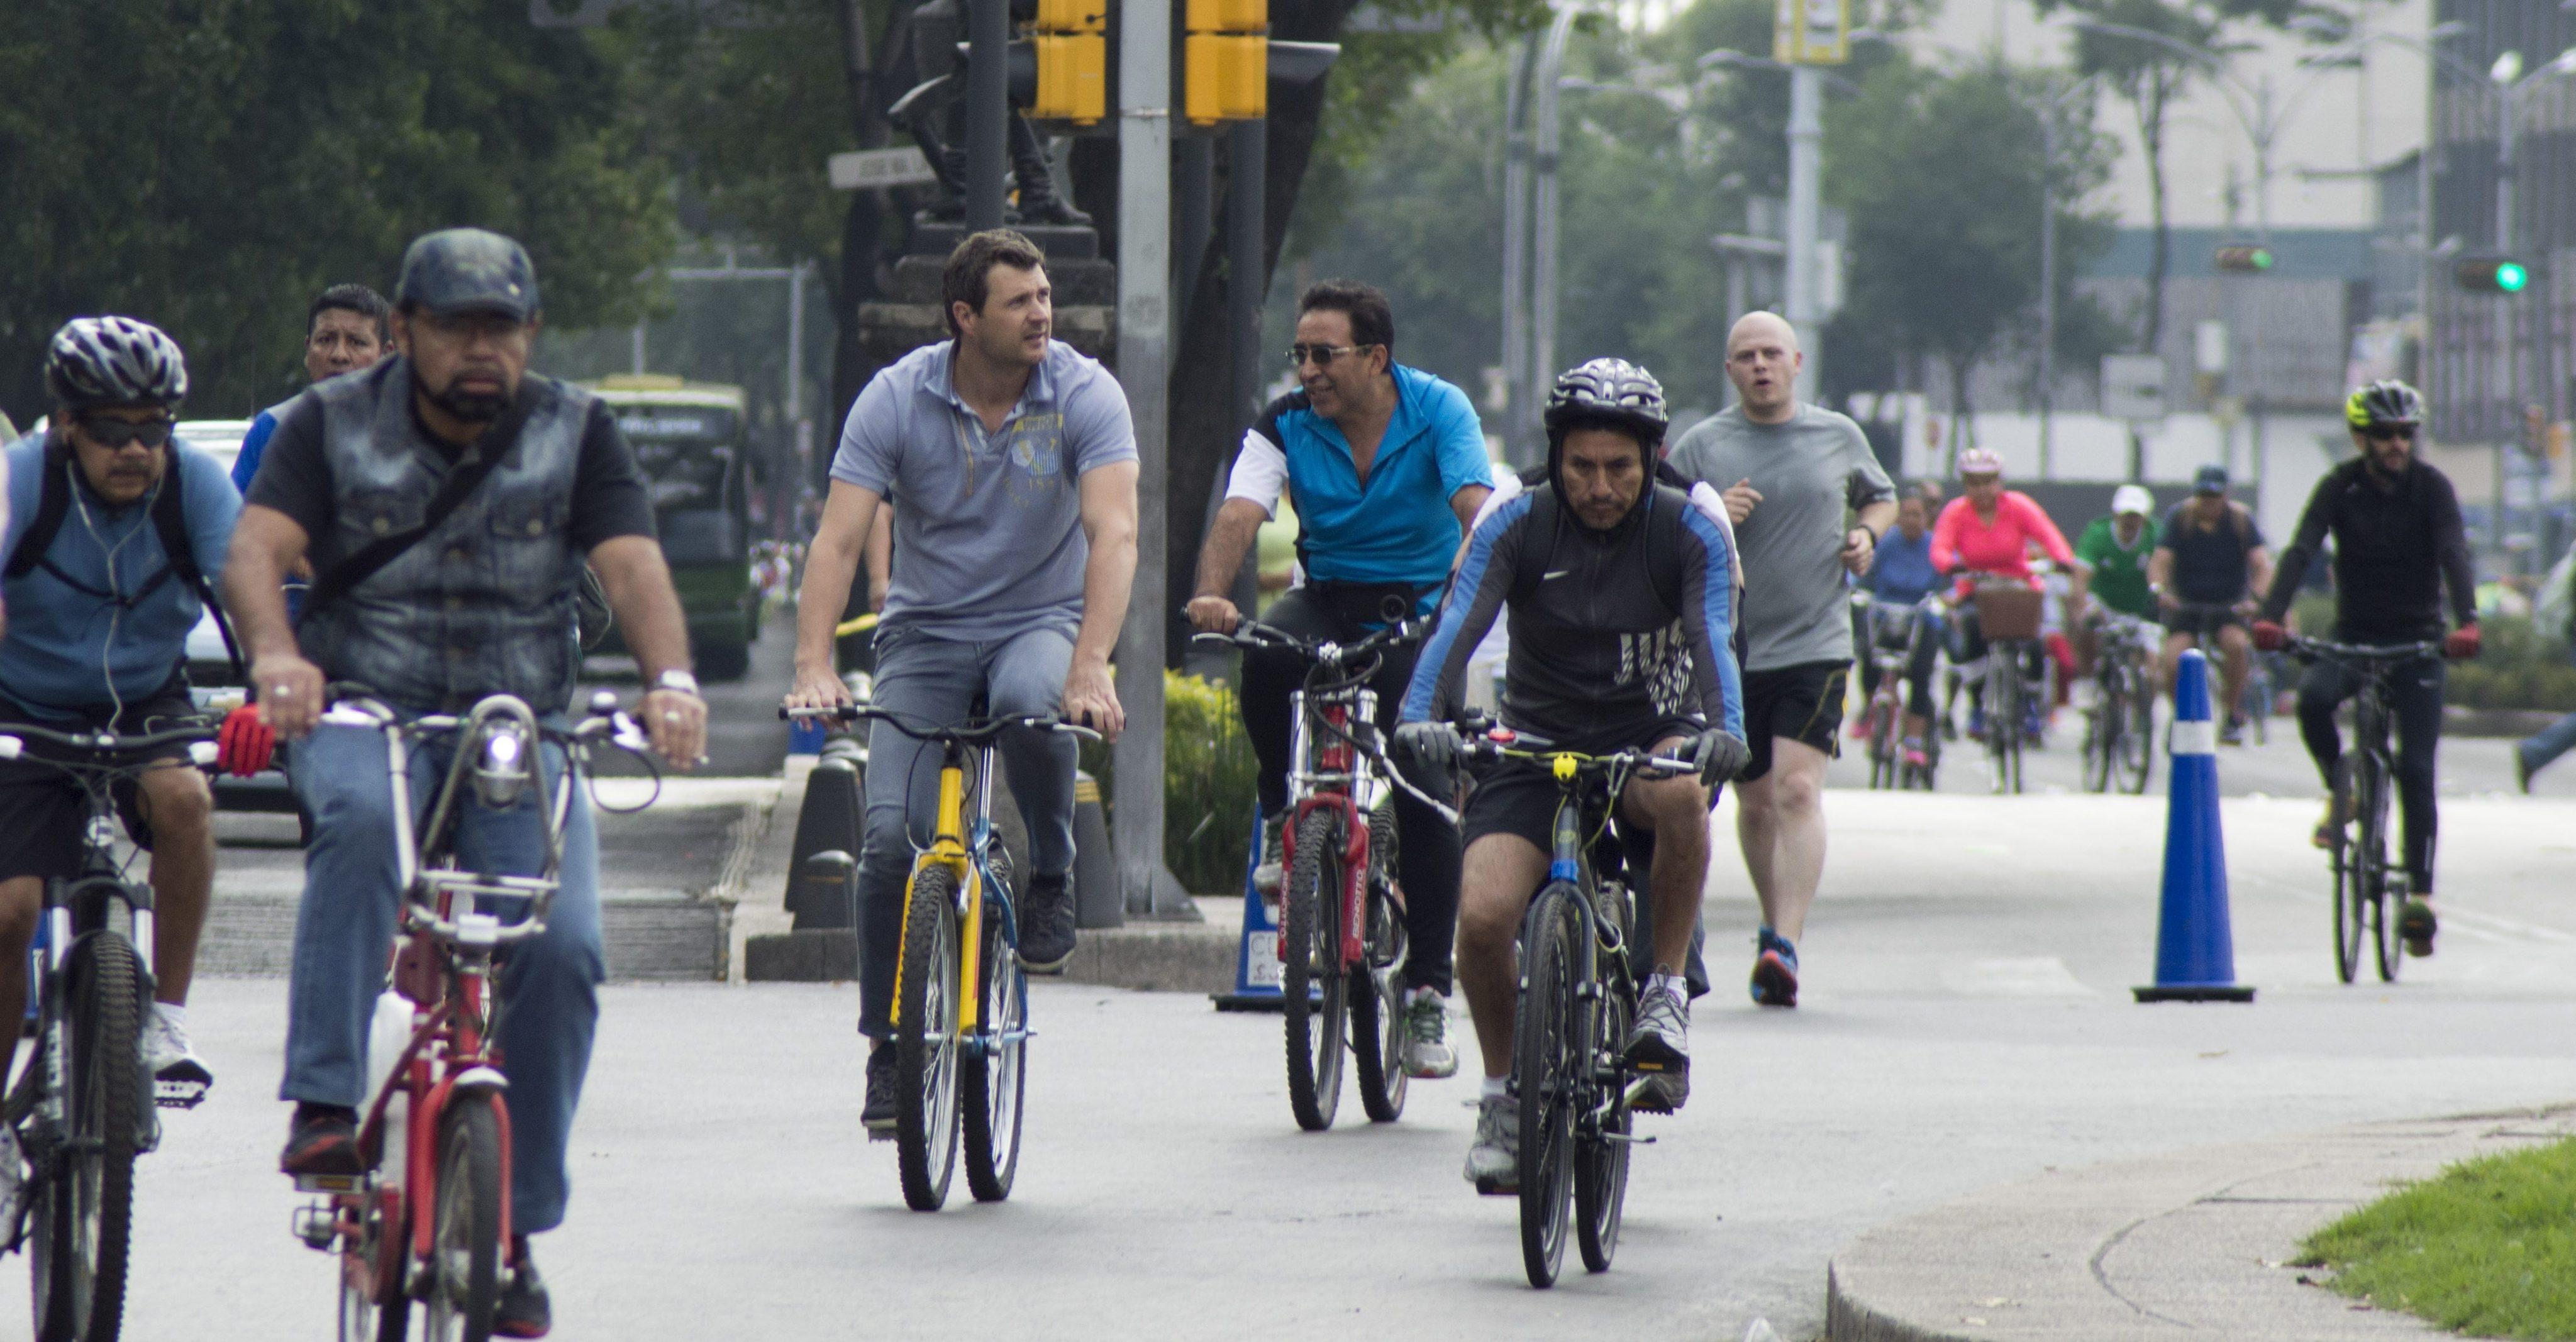 Los Ciclistas de la CDMX tendrán en el Centro Histórico una movilidad segura